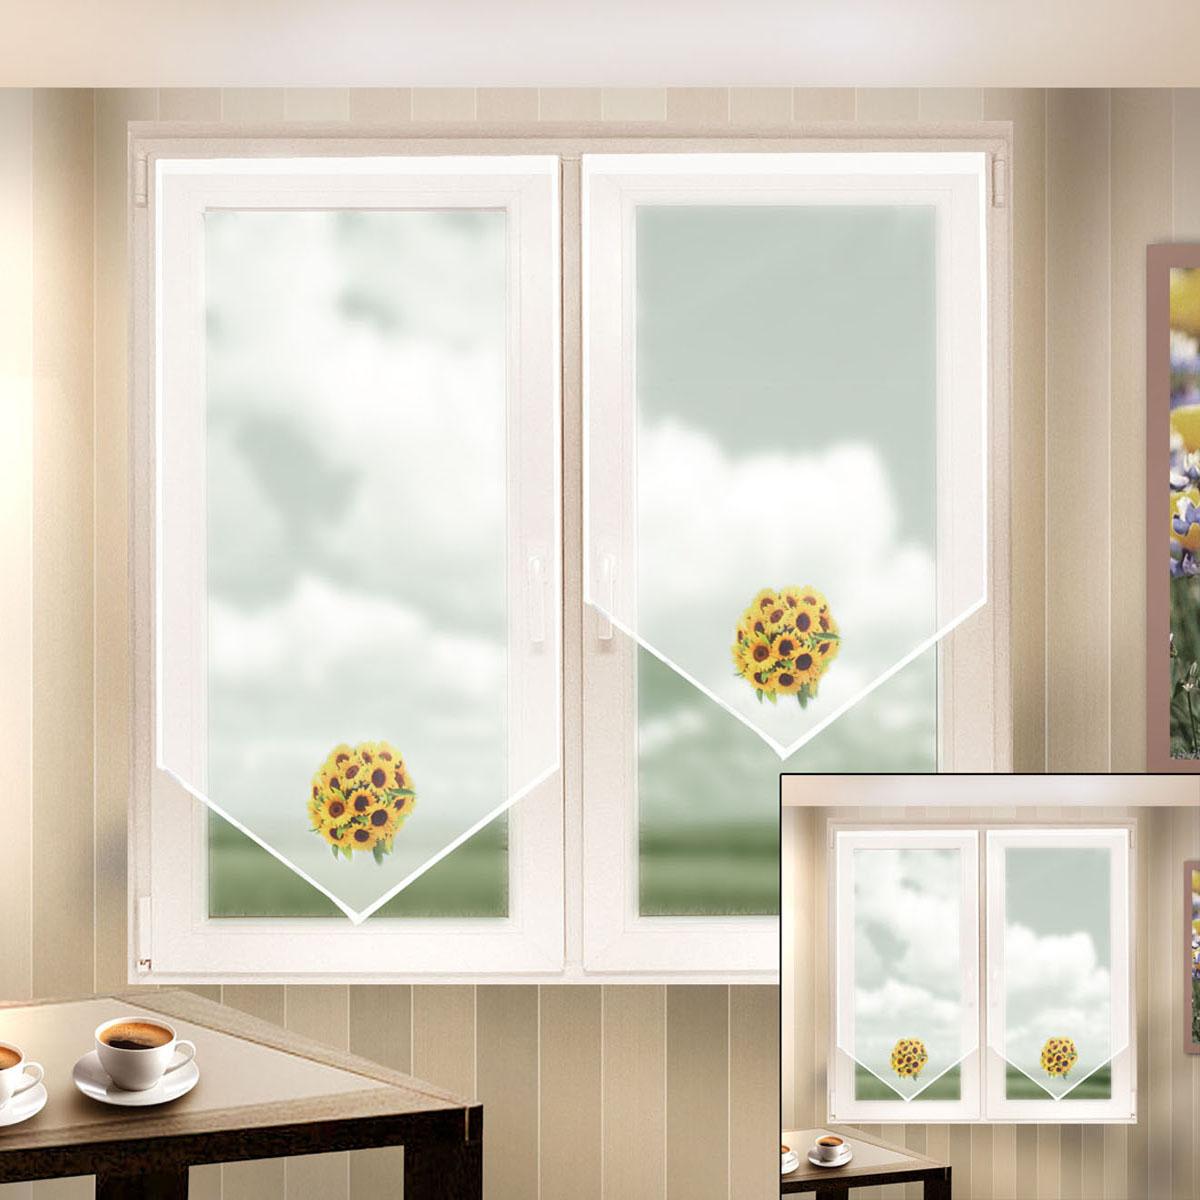 Гардина Zlata Korunka, цвет: белый, высота 120 см. 666058-2666058-2Шторы из материала вуаль, для кухни, белого цвета с печатным рисунком. Крепление на липкой ленте, не требующее сверления стен и карниза. Многоразовое и мгновенное крепление. Штора - шир.60 х выс.120; Штора - шир.60 х выс.90 Размеры: ширина 60* высота 120+ширина 60 высота 90